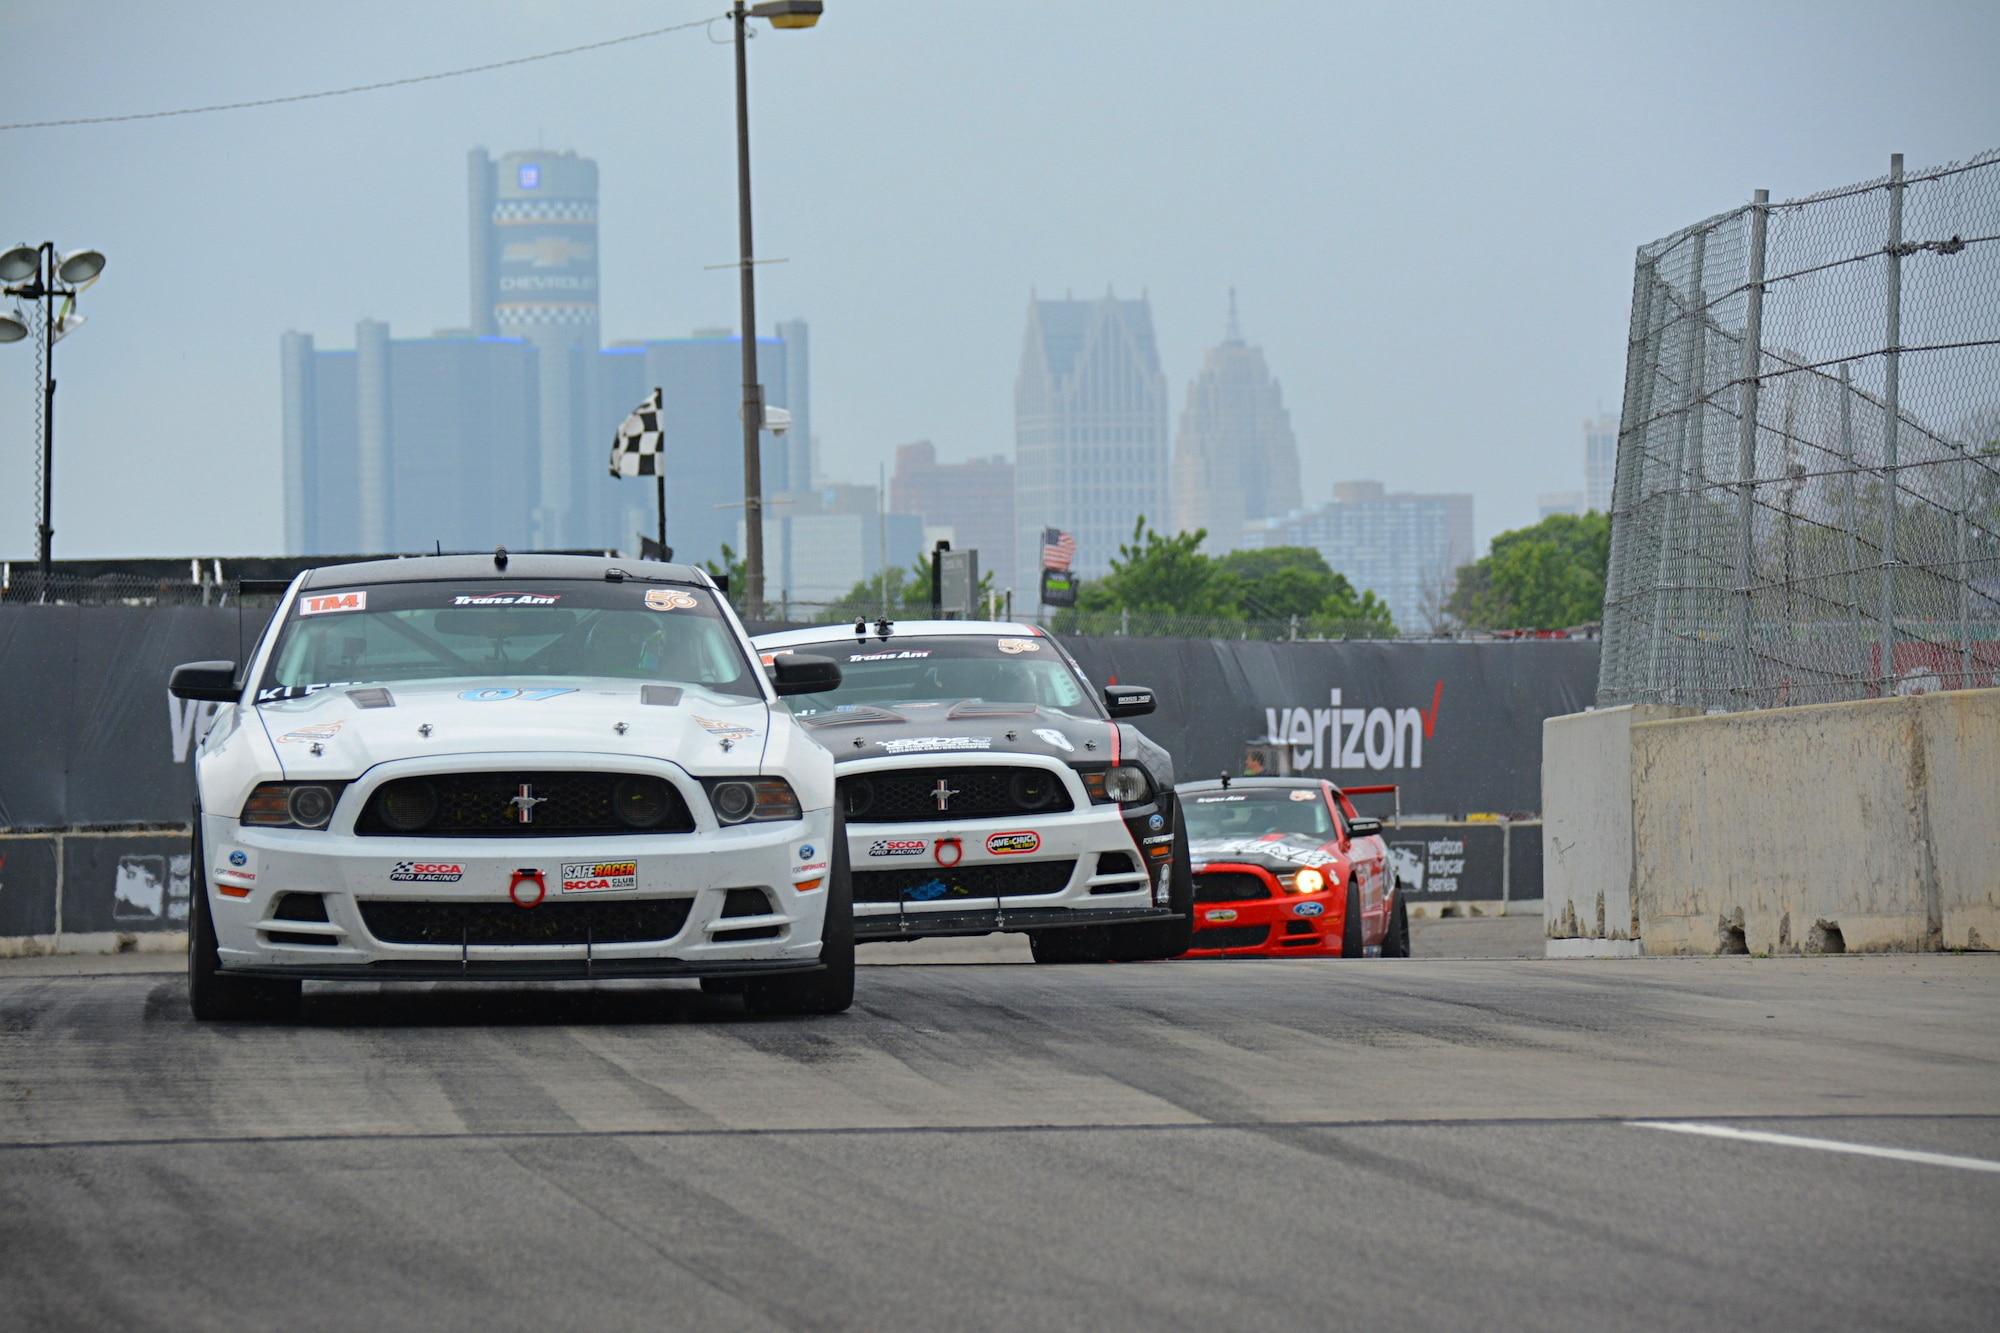 017 Mustang Transamrace Detroitgp